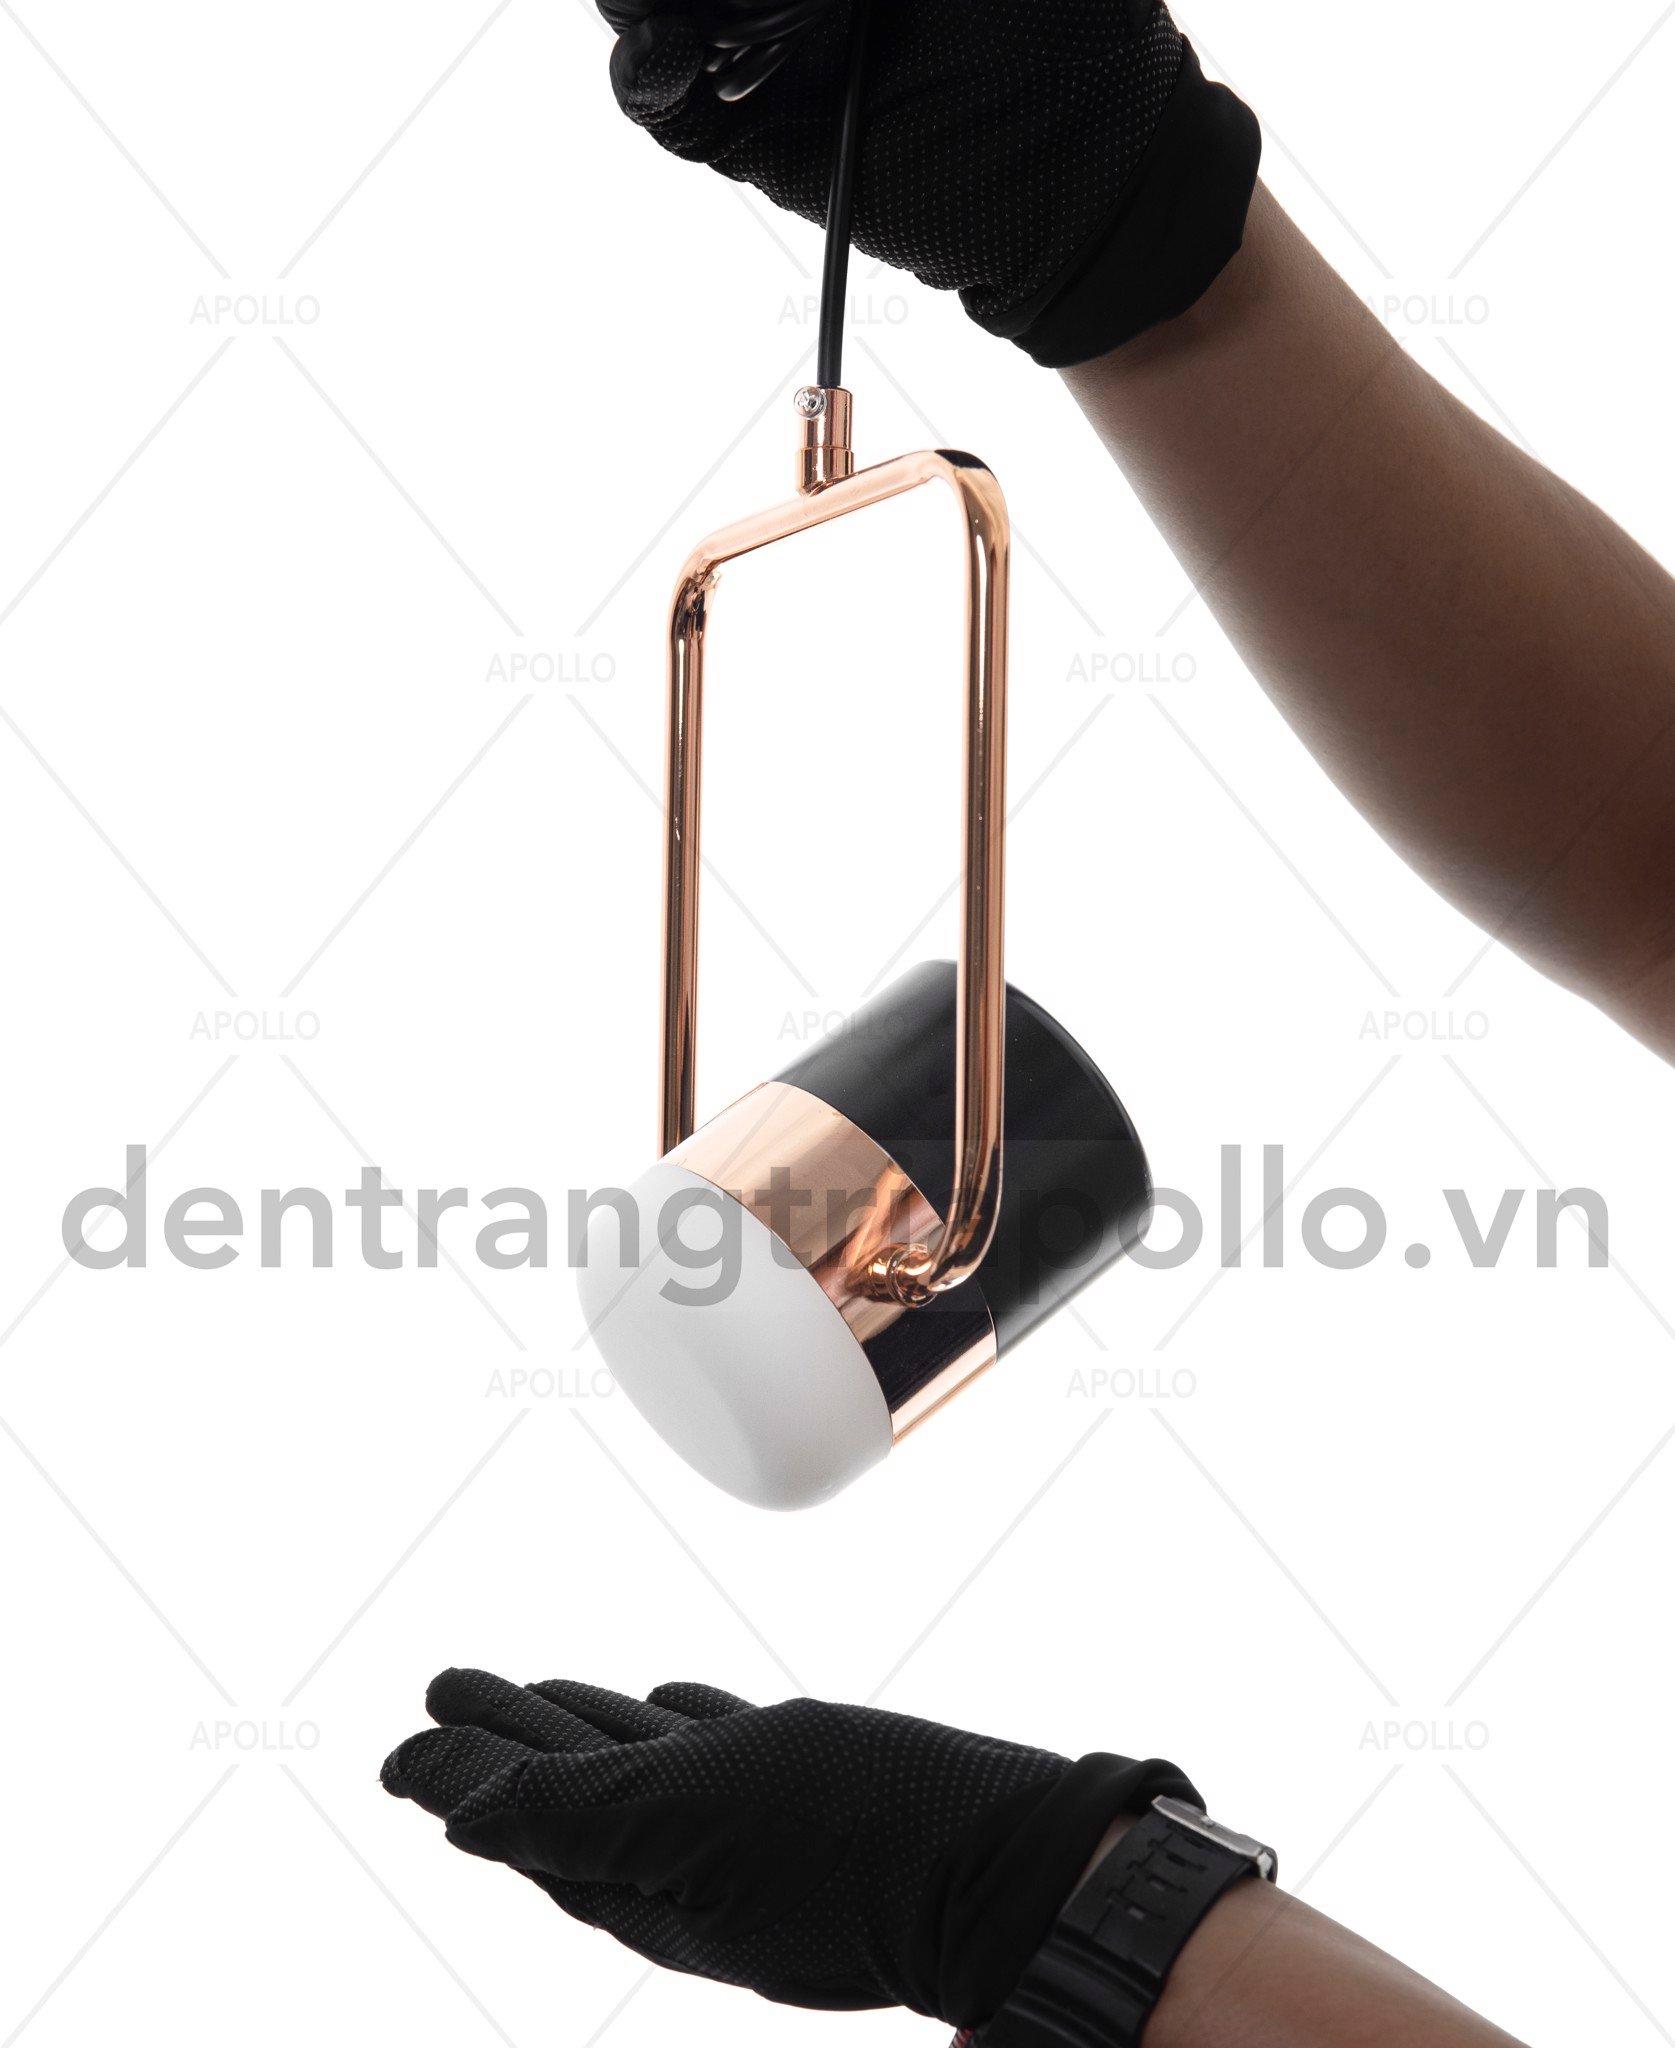 đèn thả trang trí hiện đại